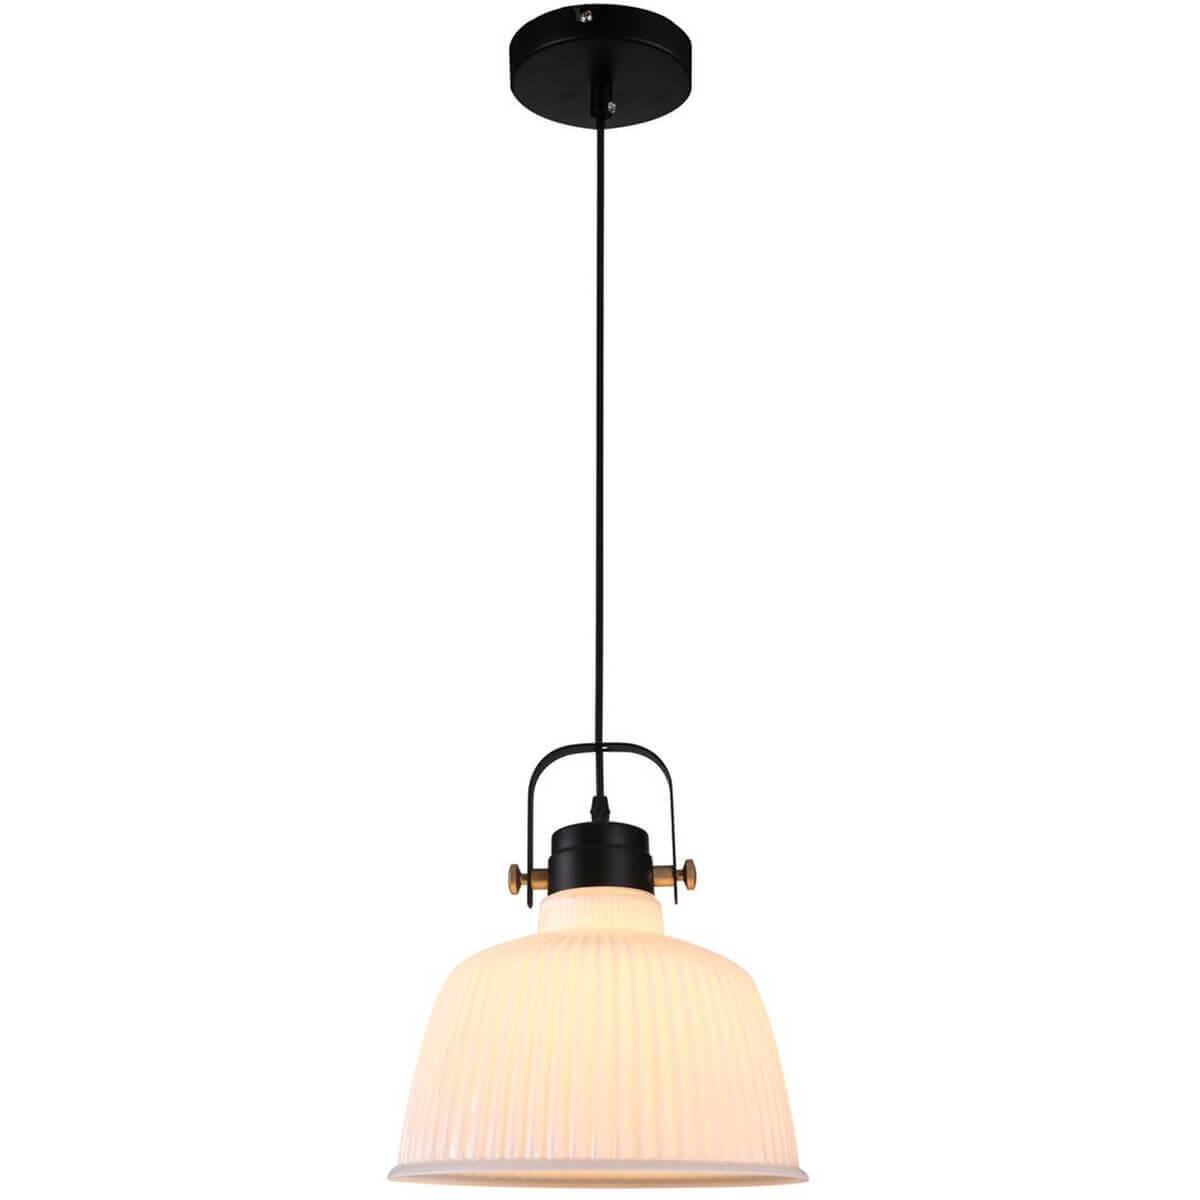 Подвесной светильник Omnilux OML-28206-01, E27, 60 Вт подвесной светильник oml 28206 01 omnilux